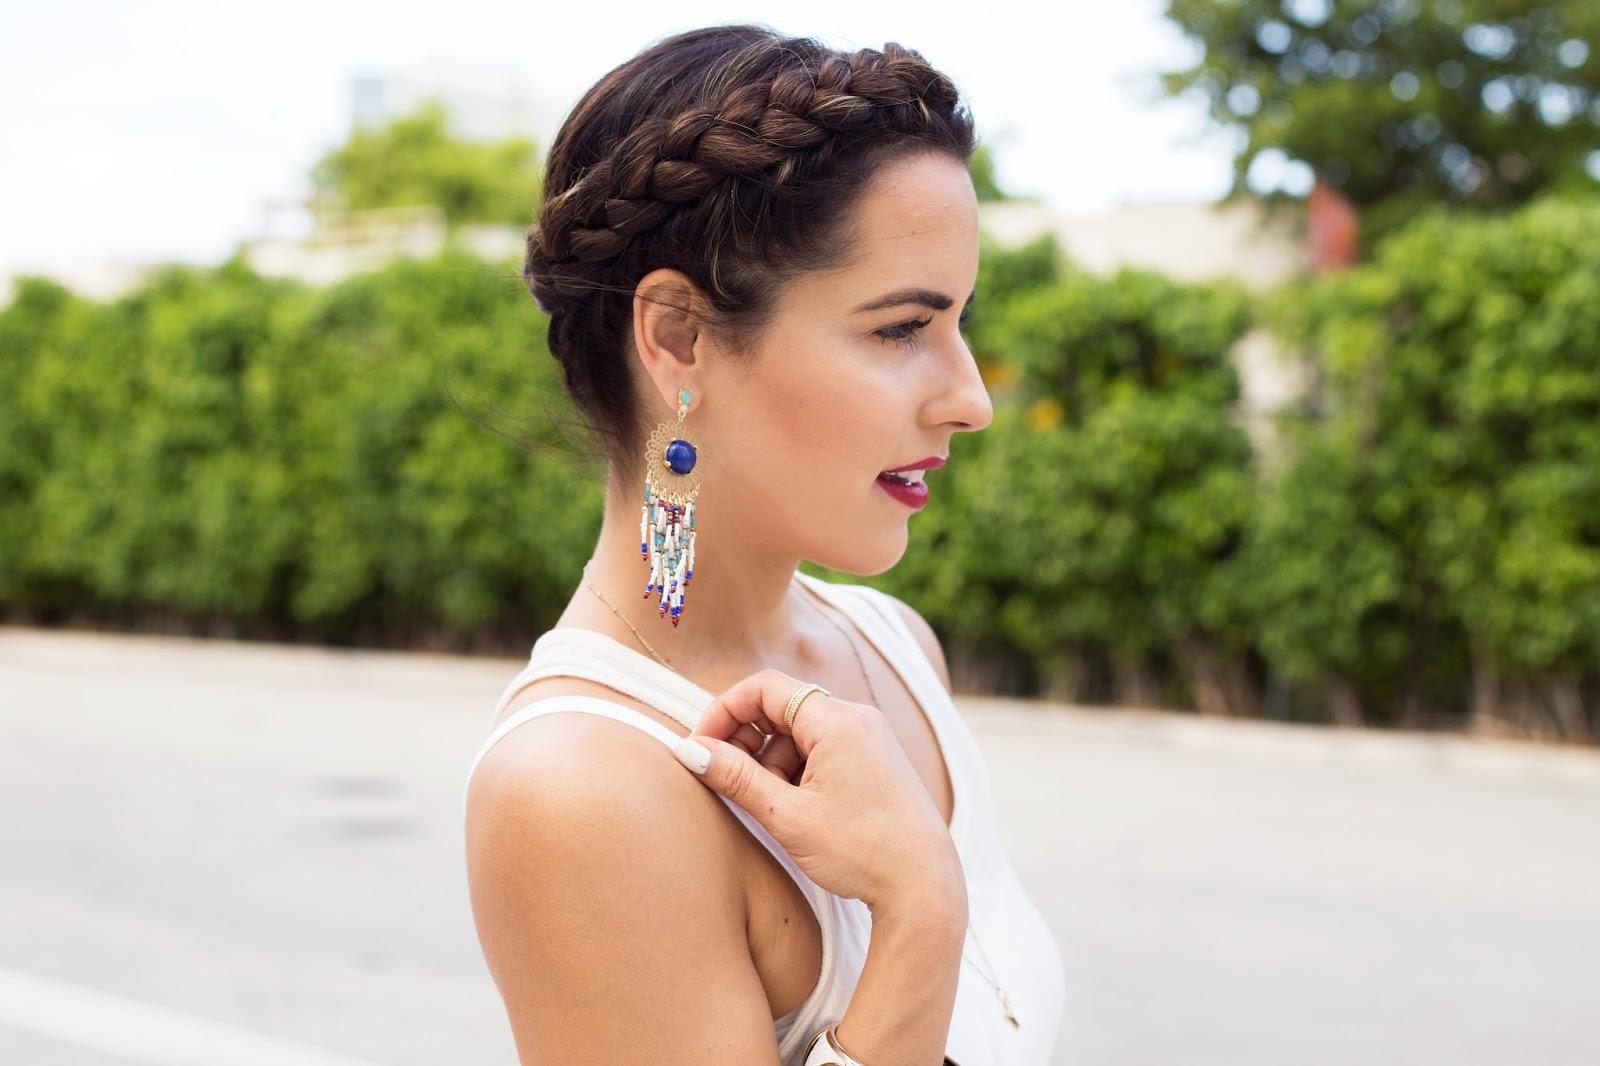 Hair Style Crown Braid Wine Lips Chandelier Earrings Kelly Saks Blogger